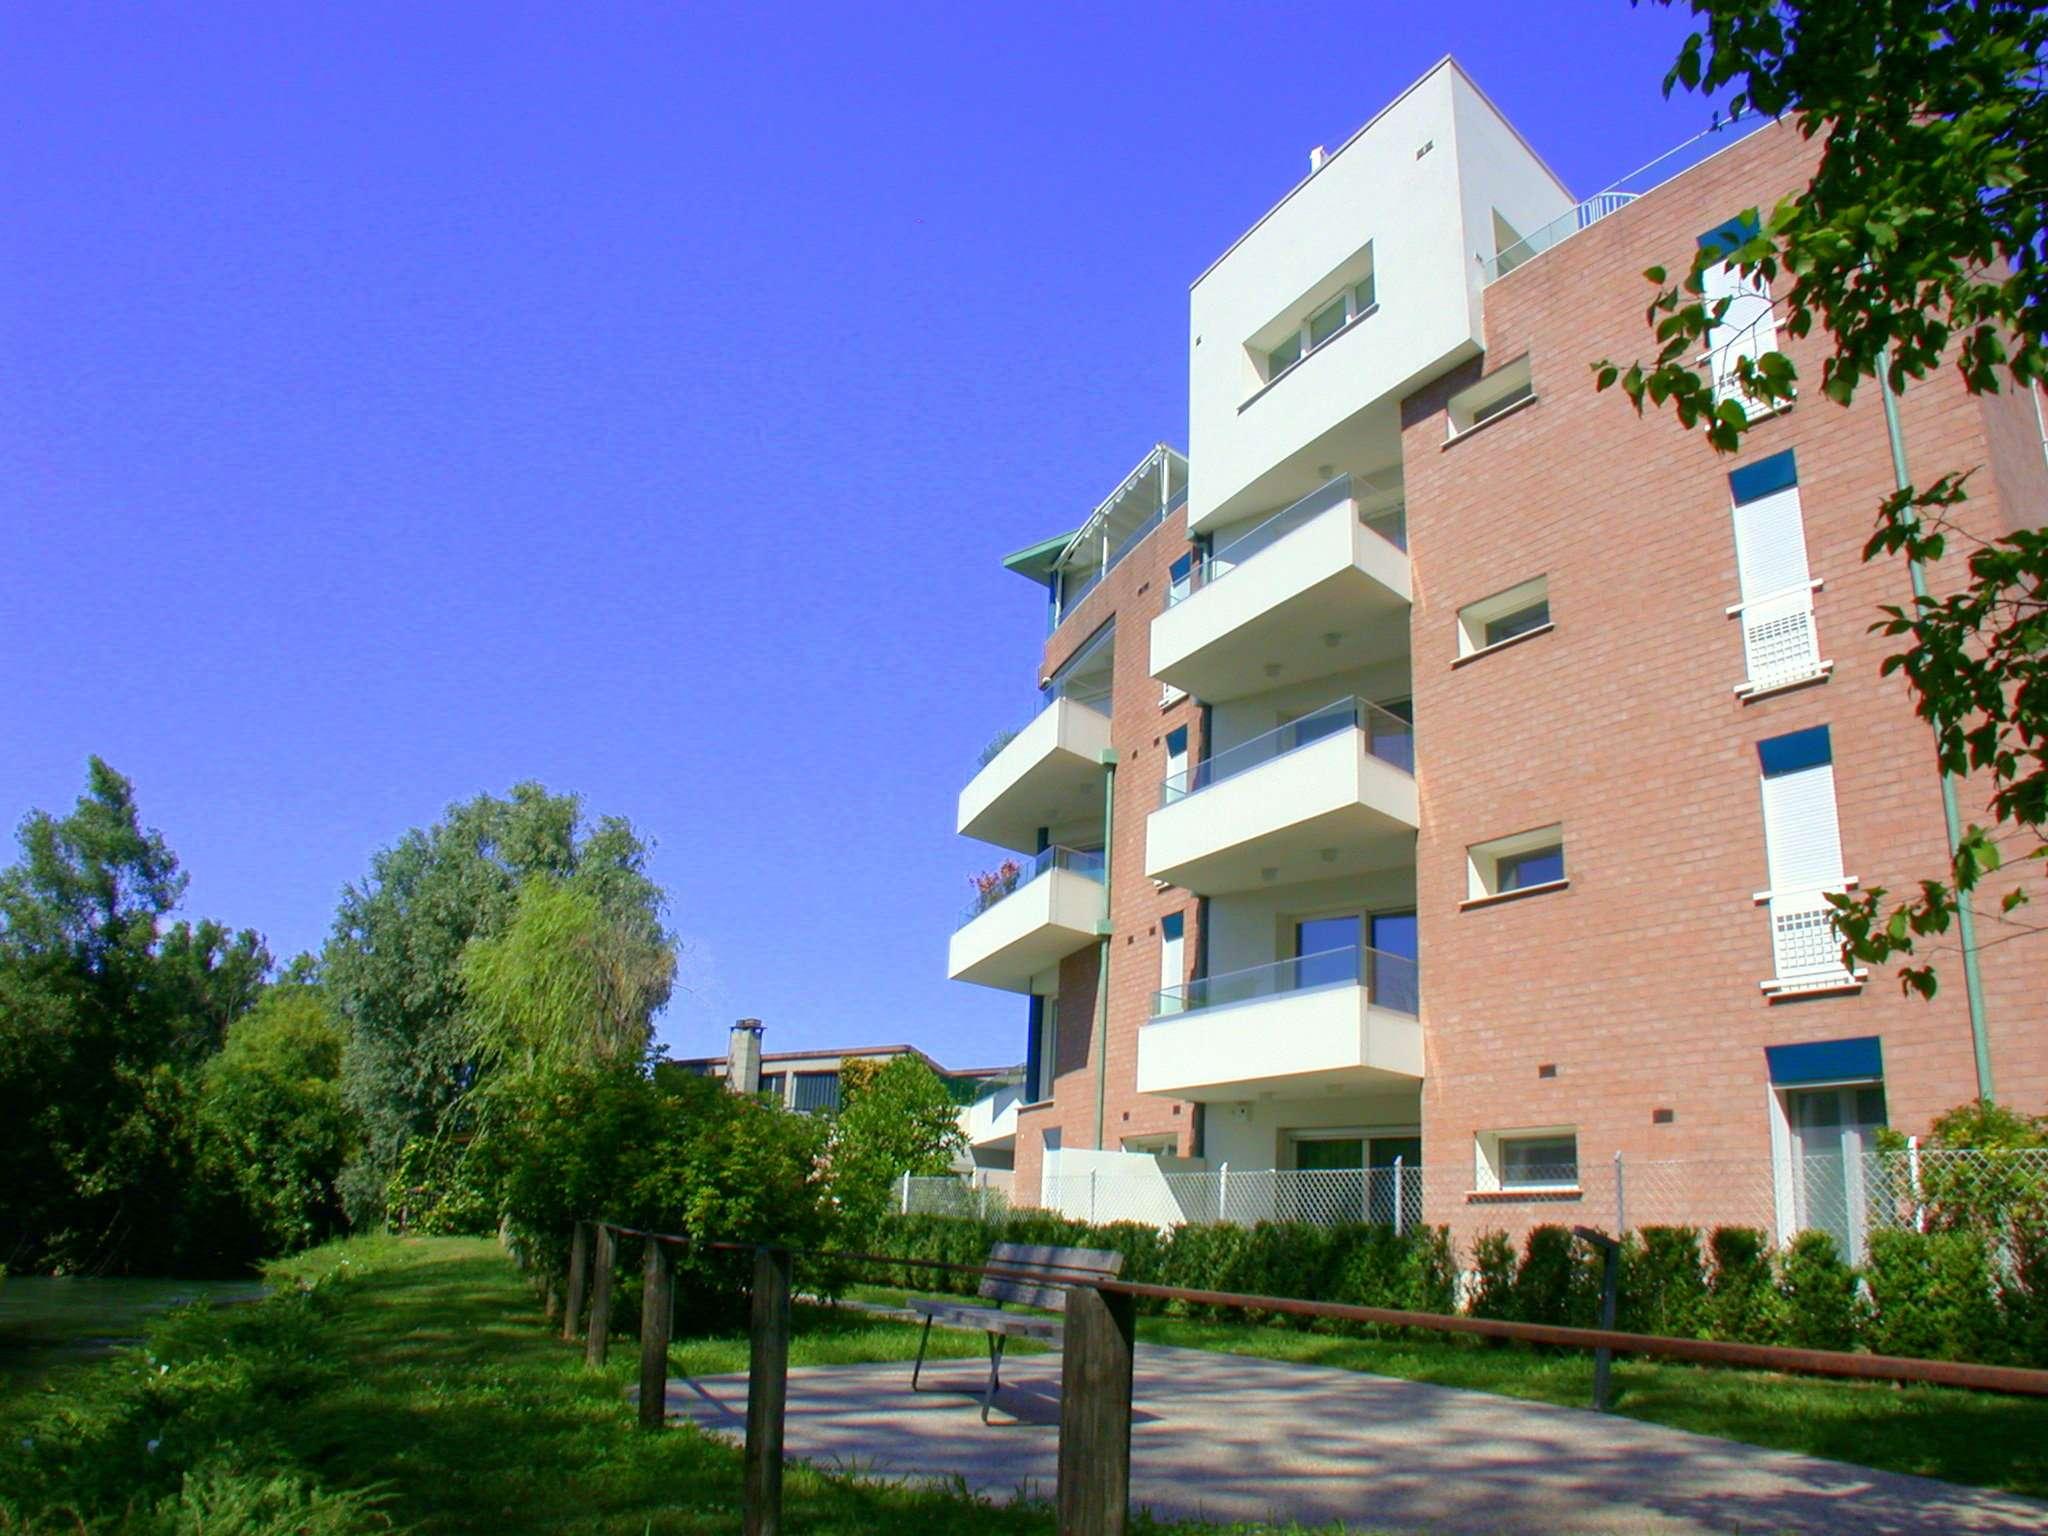 appartamento treviso vendita  fuori mura s. francesco di sales agenzia aurora